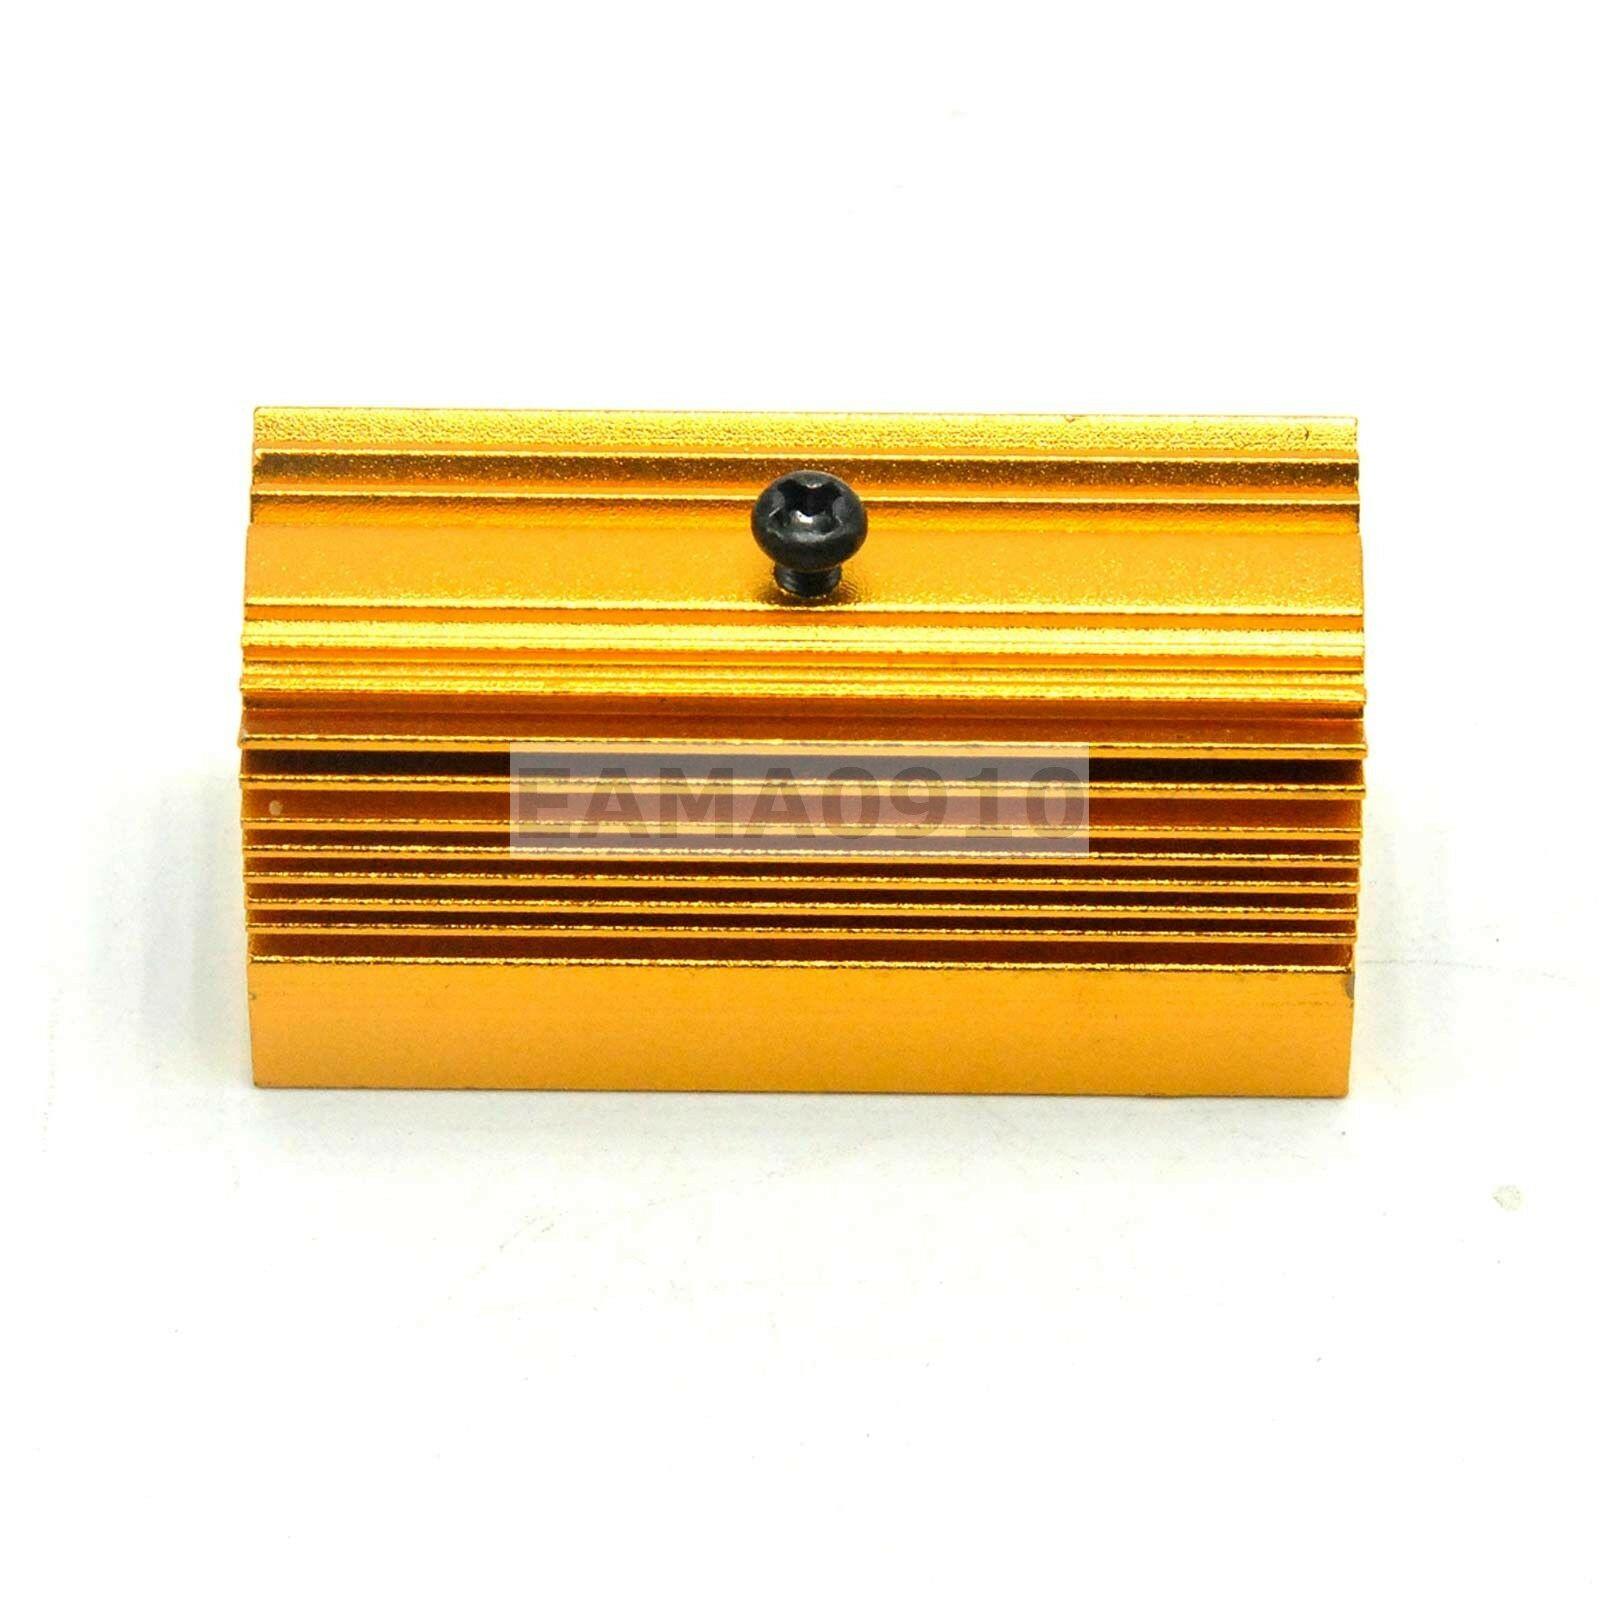 Алюминий радиатор радиатор 20x27x50 мм для 12 мм лазер модуль золотой цвет